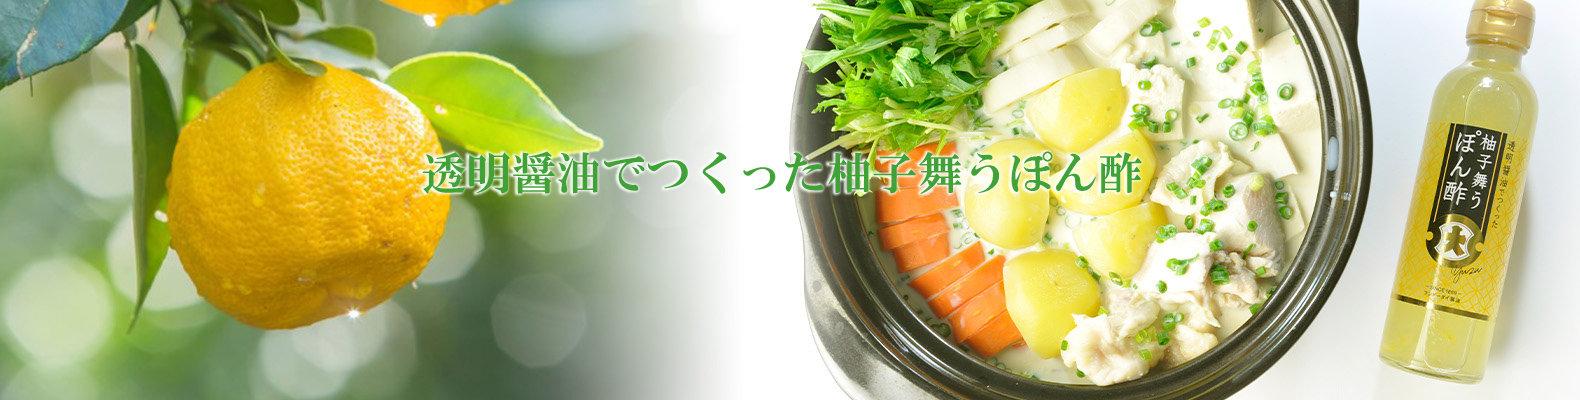 柚子舞う1580×400イメージ.jpg